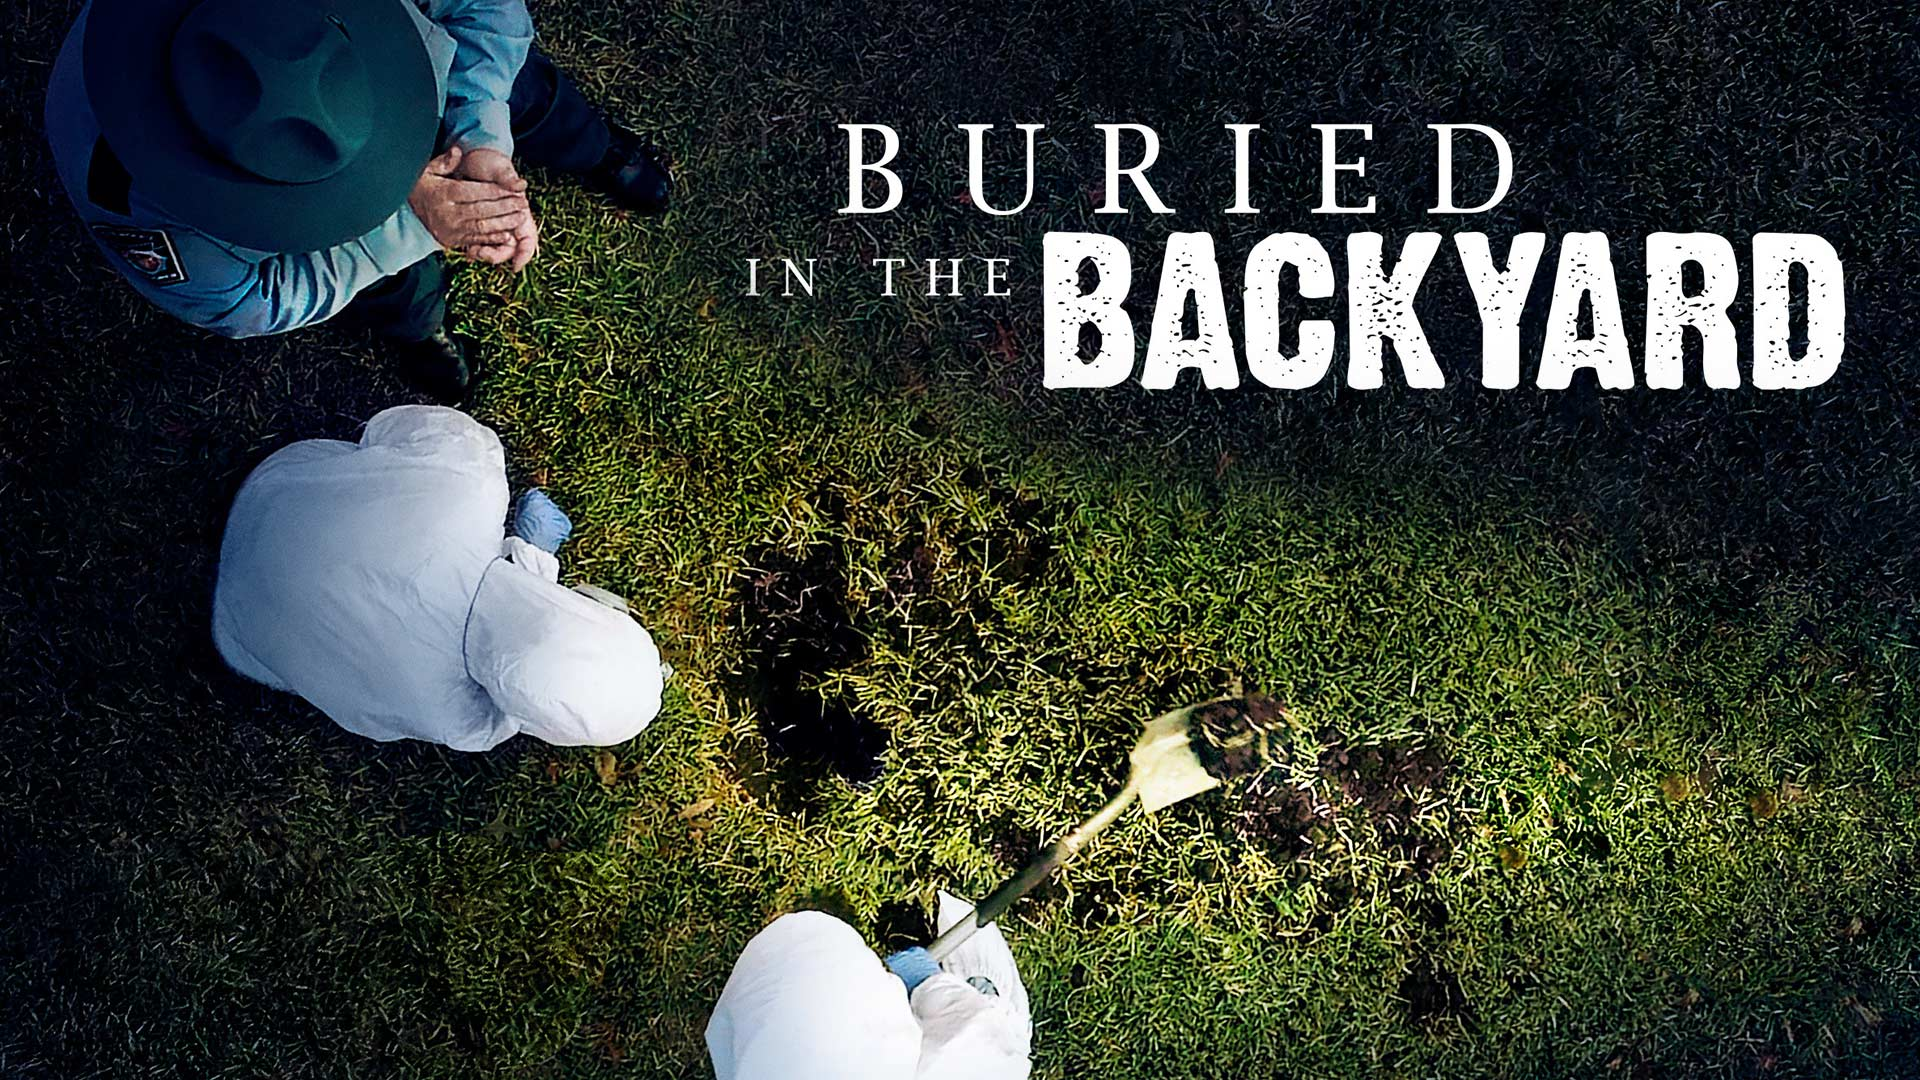 Buried in the Backyard, Season 1